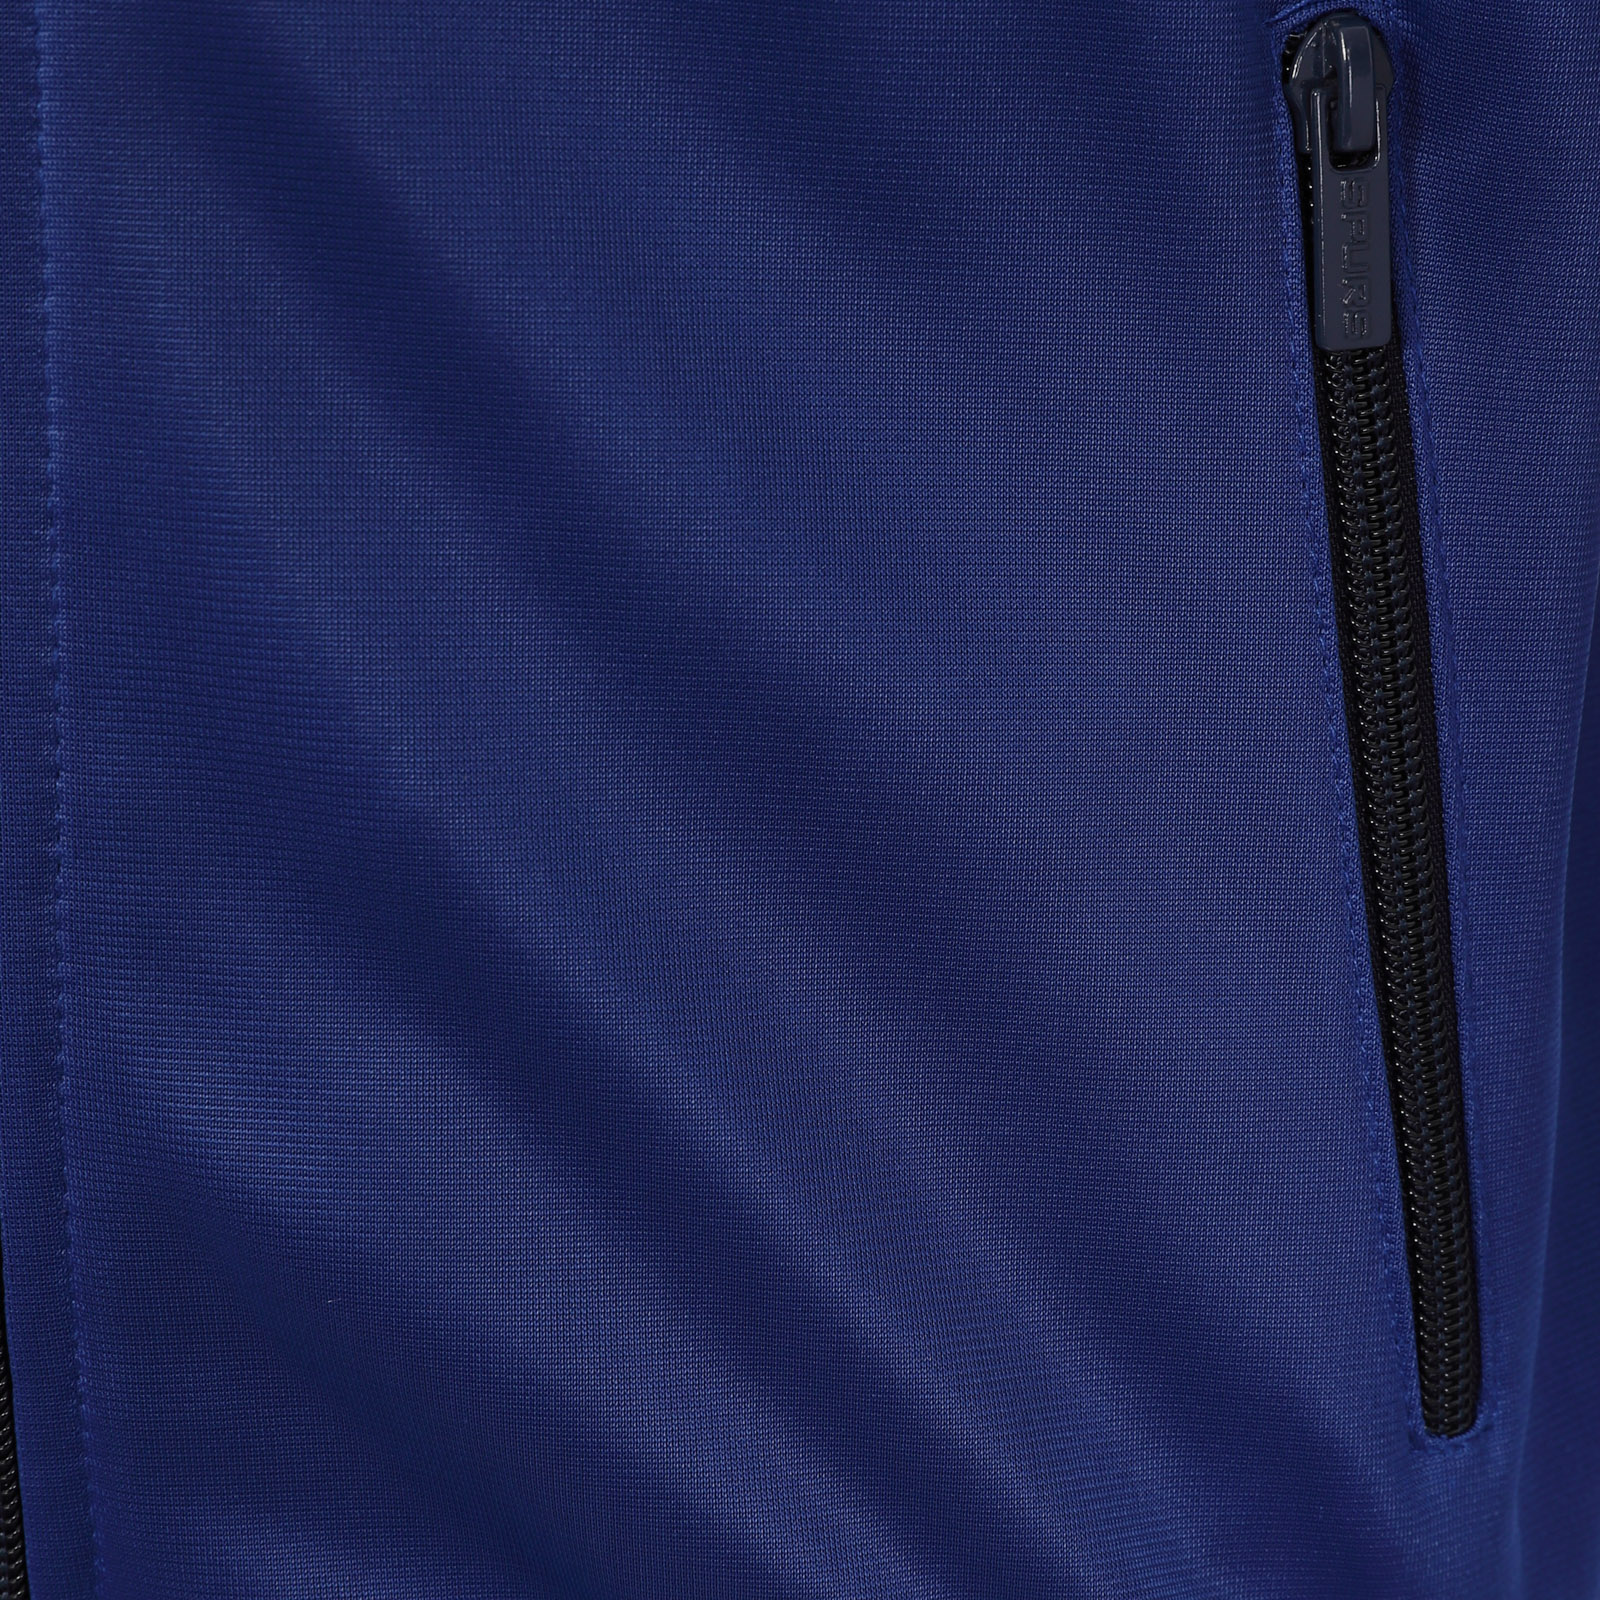 fd1345d6522e7 Tottenham Hotspur FC officiel - Veste de survêtement - style rétro ...